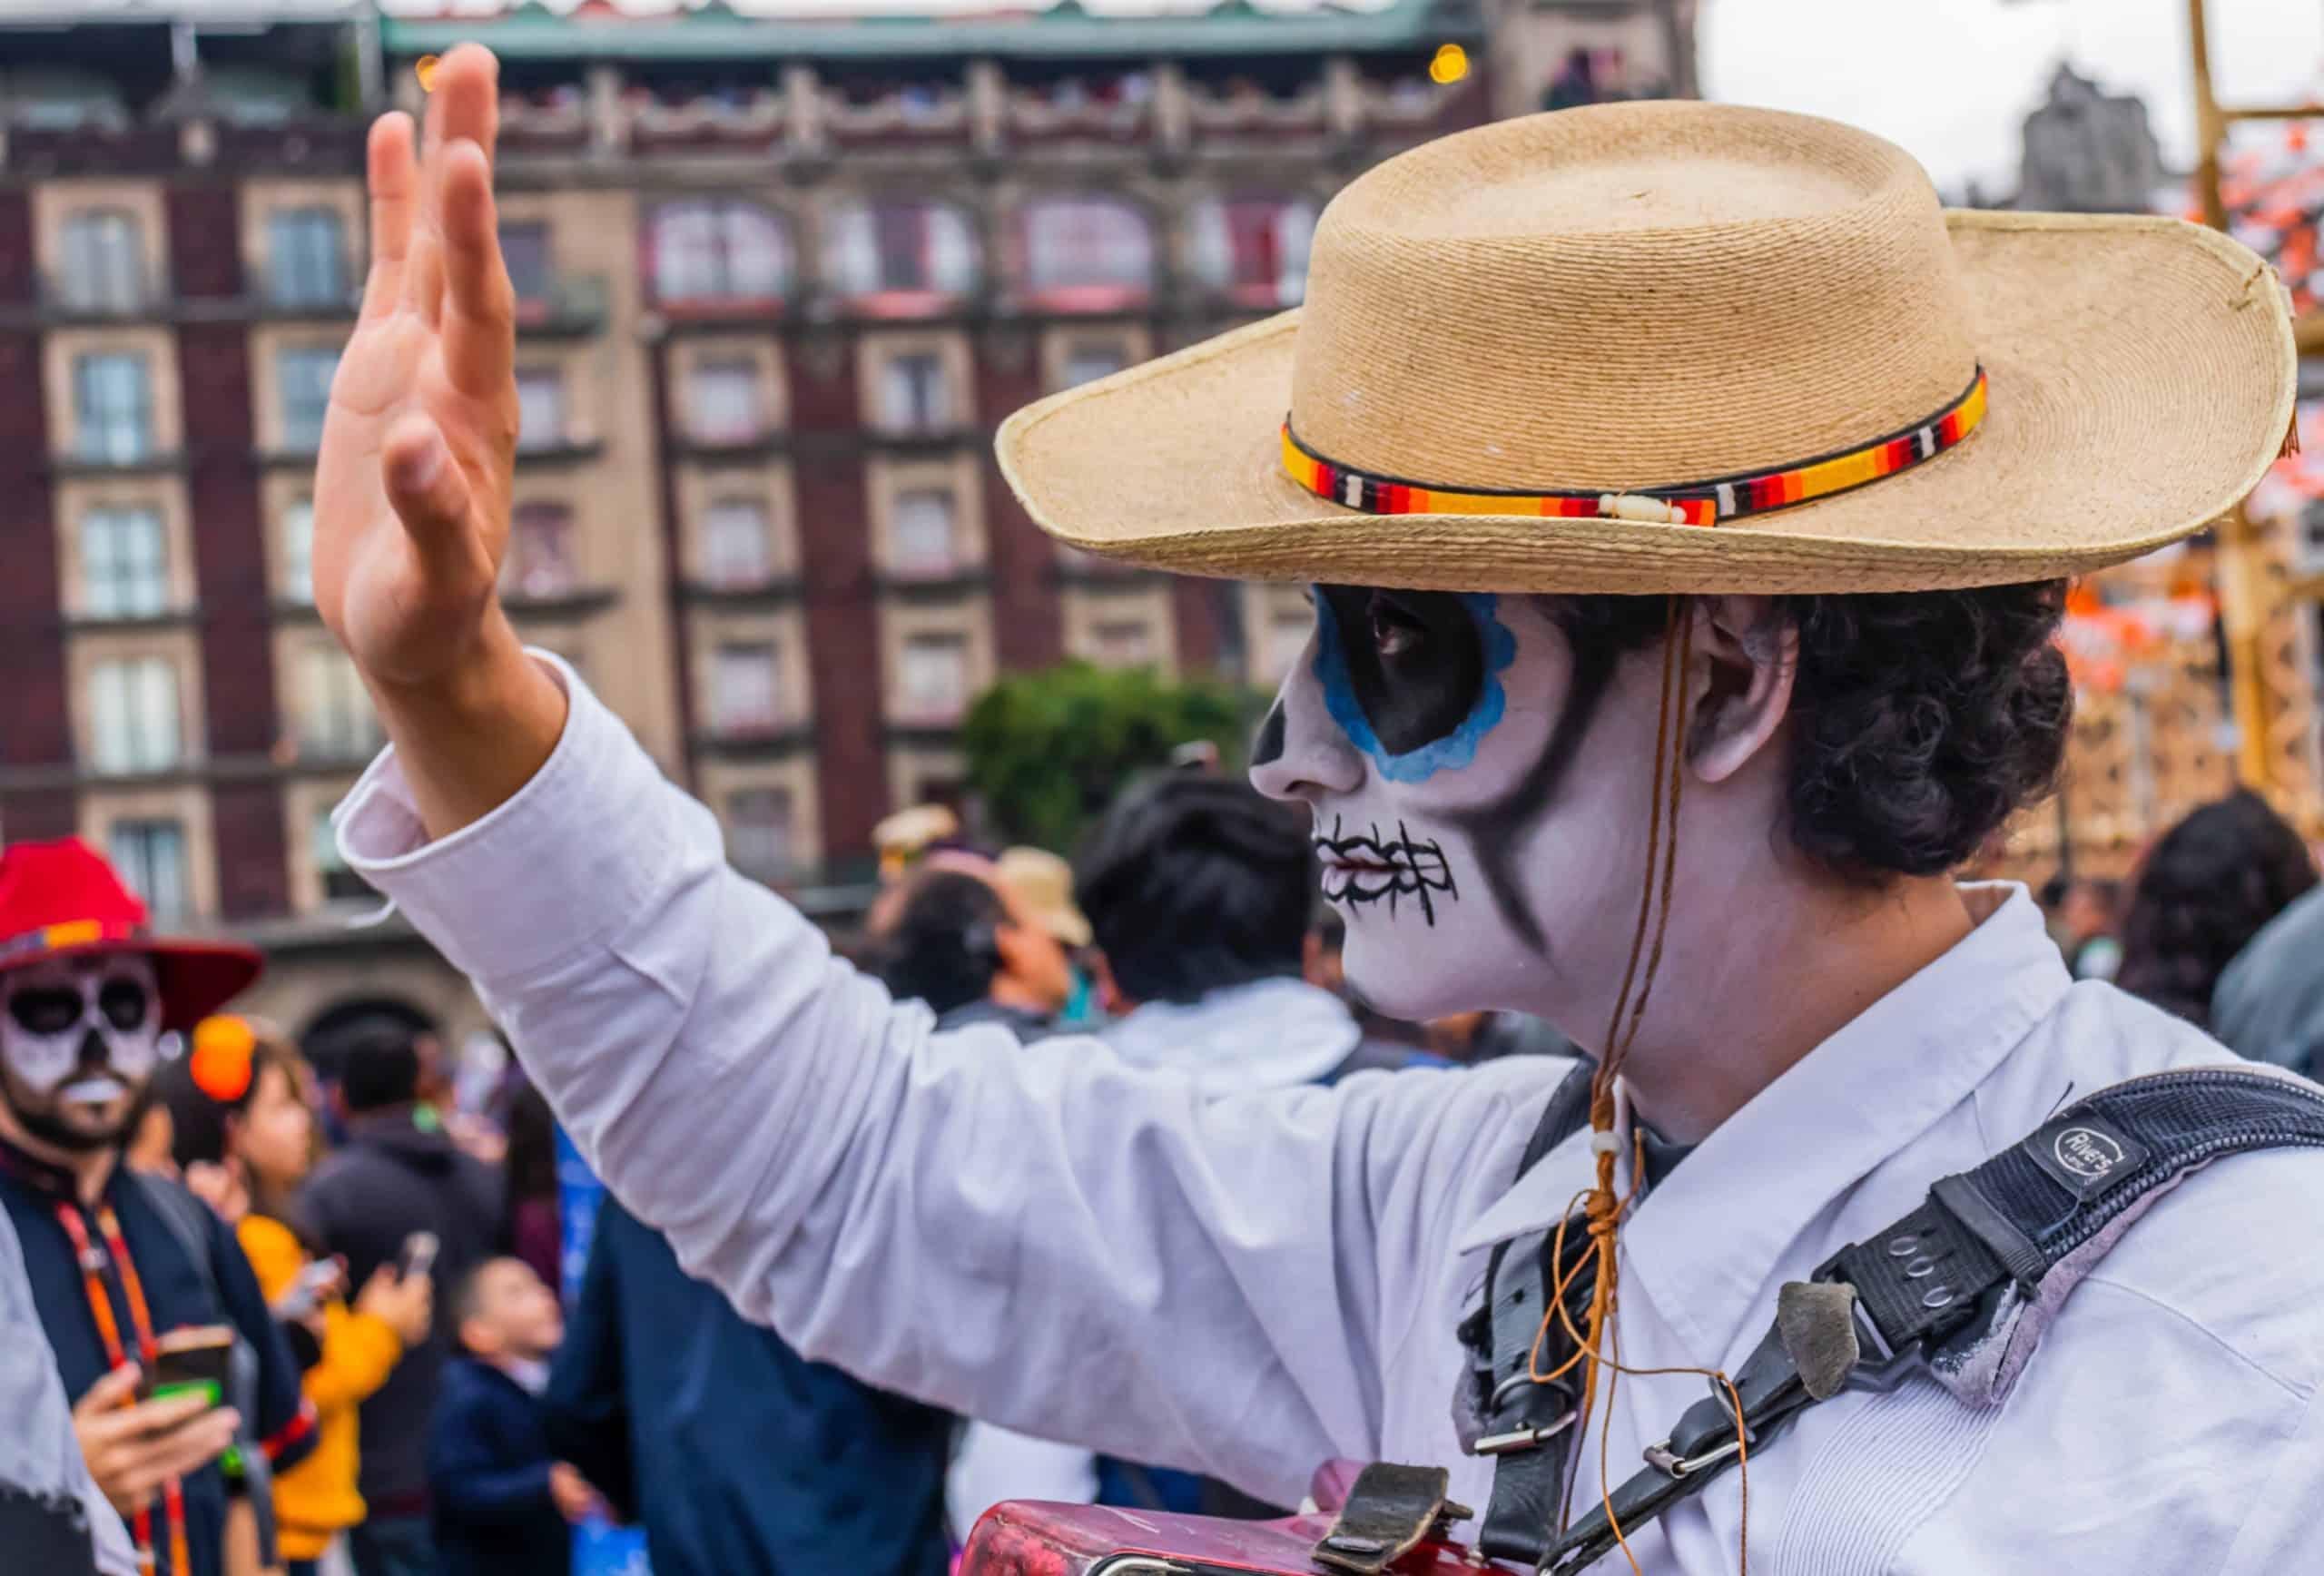 Photo by Filiberto Santillán on Unsplash